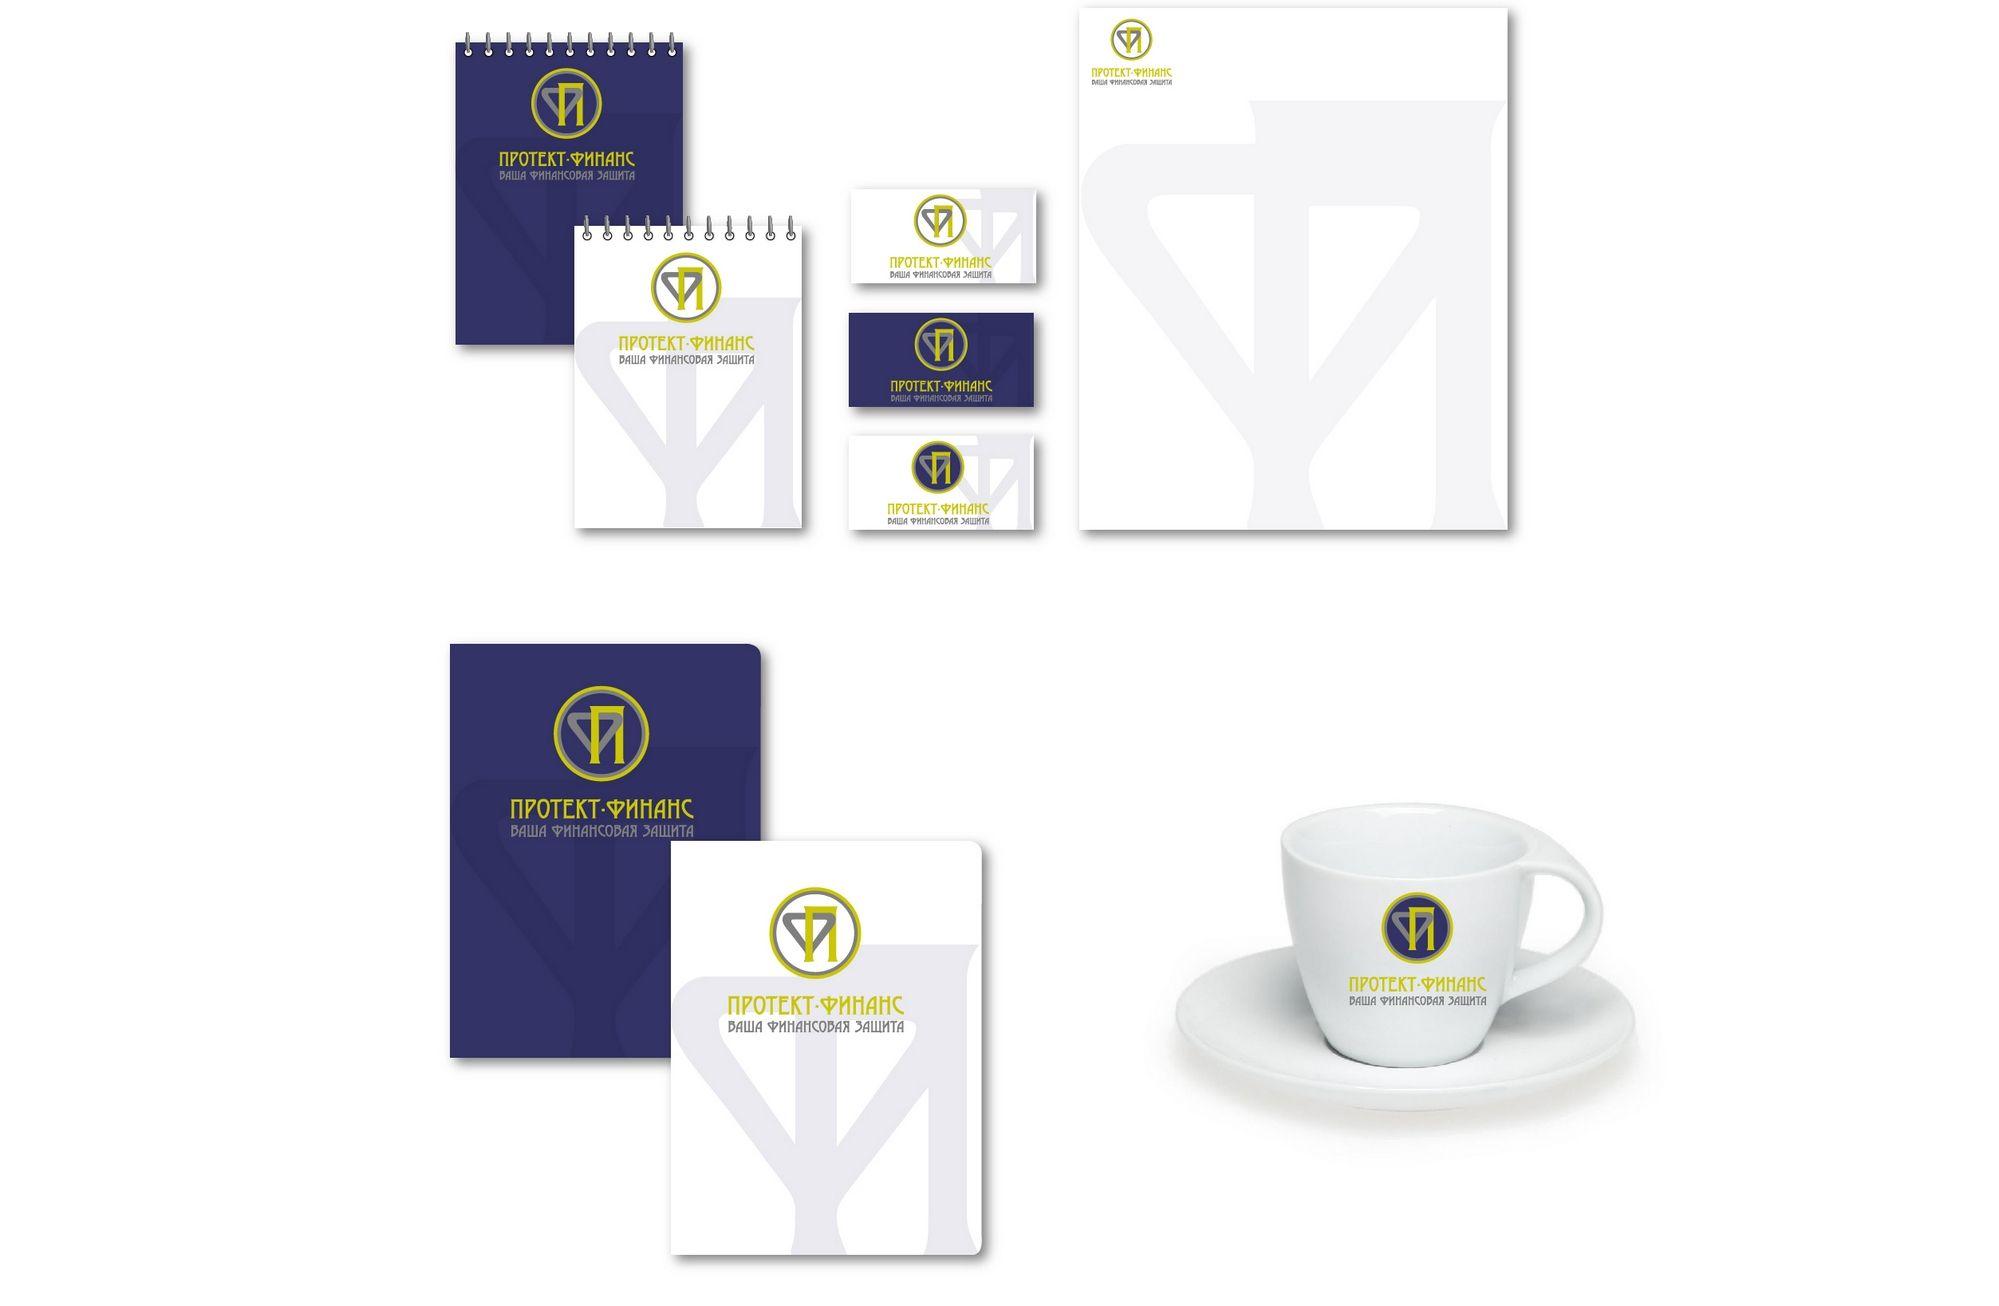 Фирм.стиль для ООО МФО «Протект Финанс» - дизайнер montenegro2014